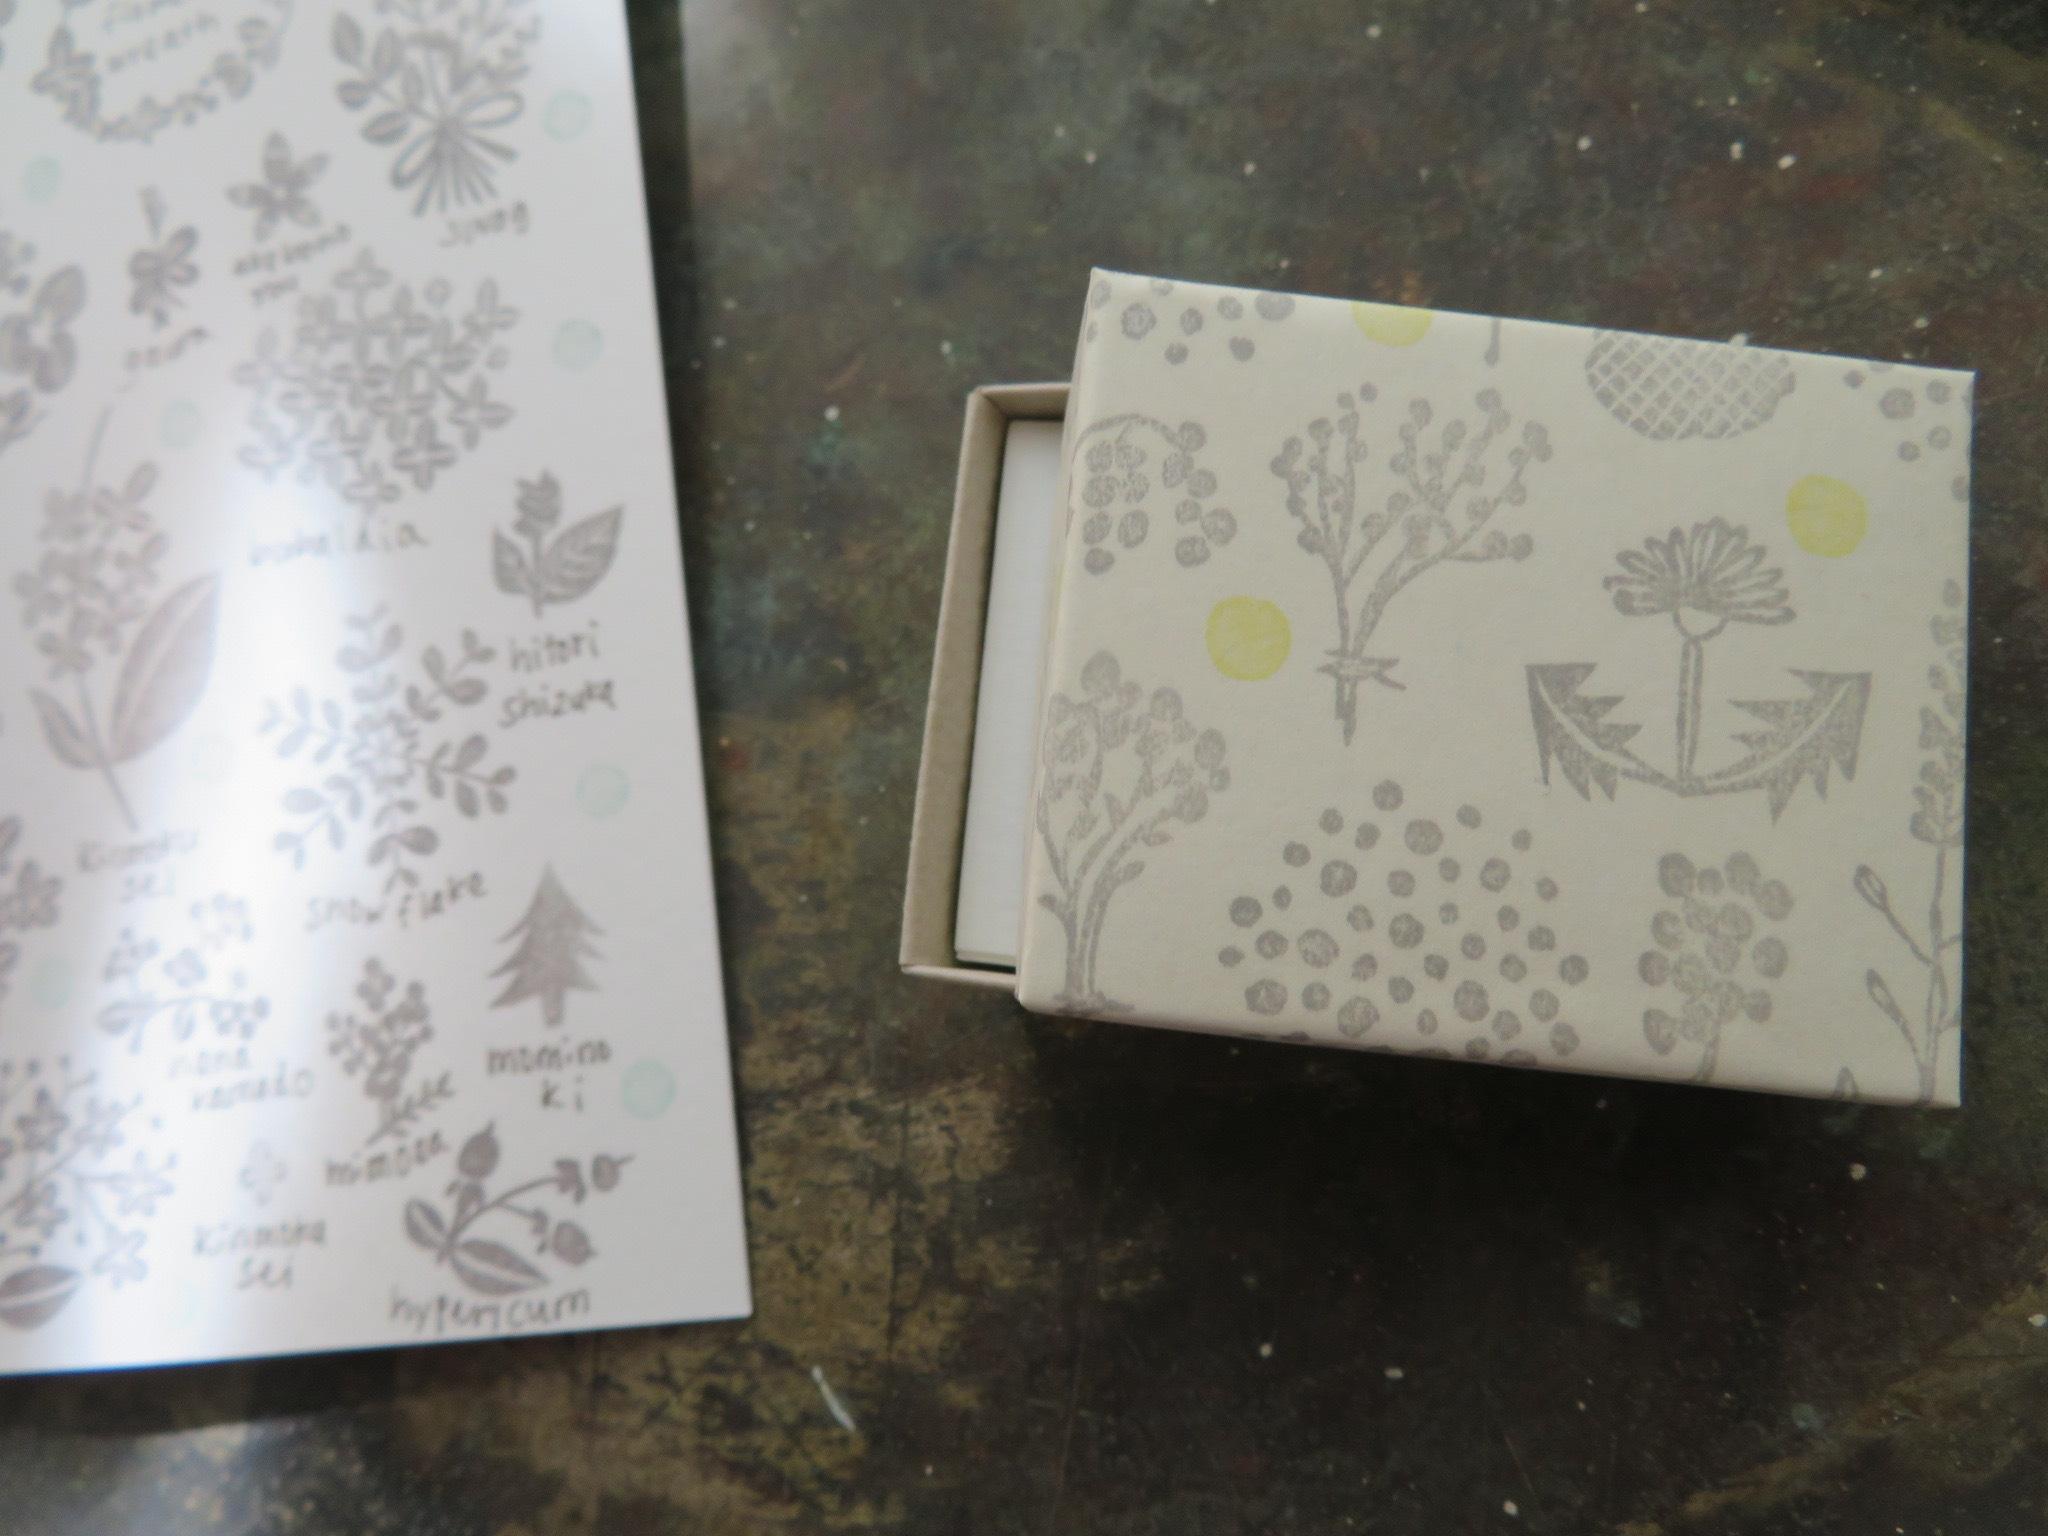 子どもの頃の買い物の記憶と、yofukashi drawer(よふかしどろーわー)さんの作品を紹介します_f0129557_13551646.jpeg